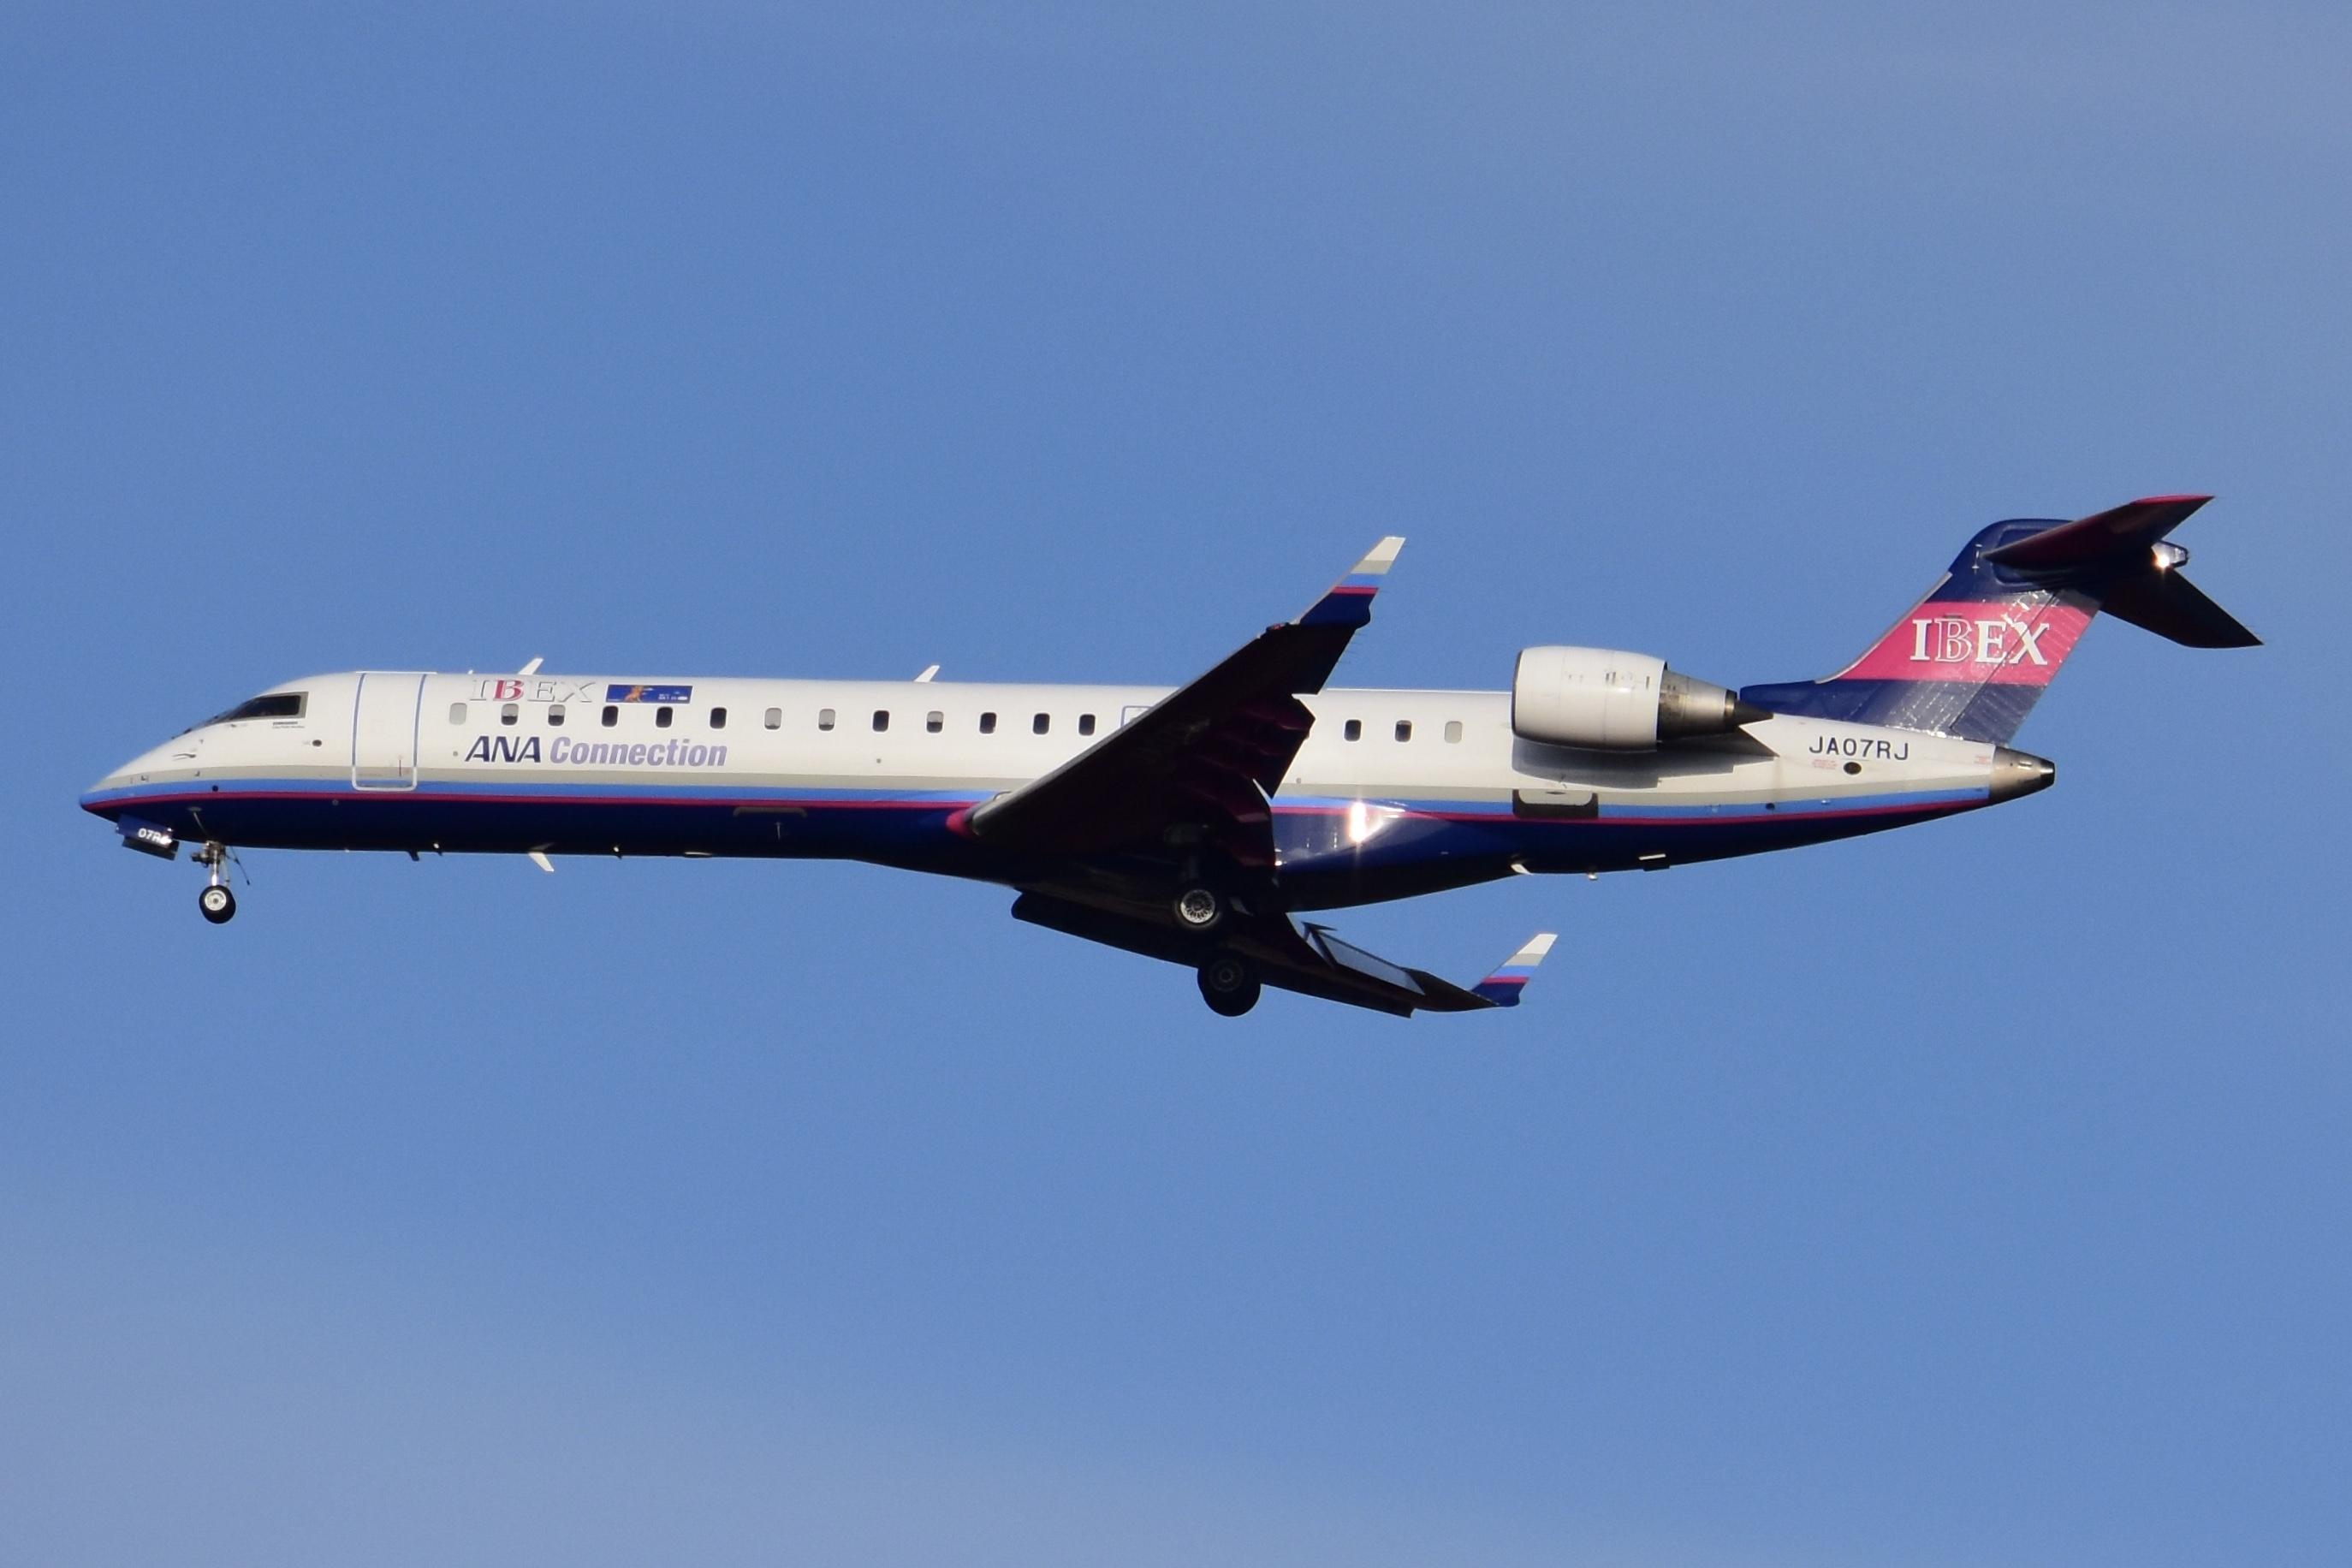 エア・アスタナが国際貨物部門を設立、767-300をセミカーゴに改造